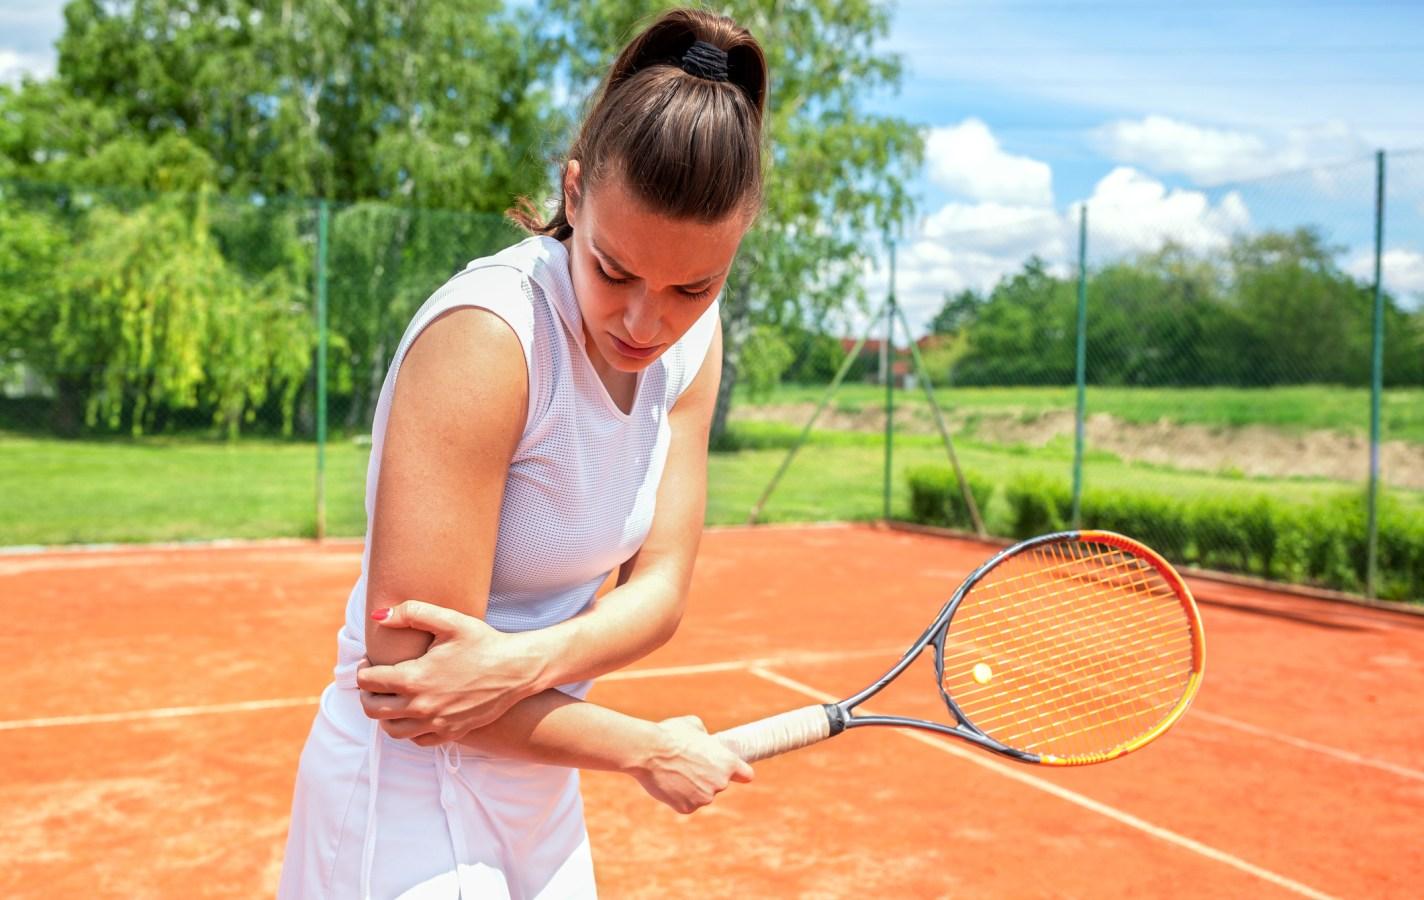 Arm injury during tennis practice